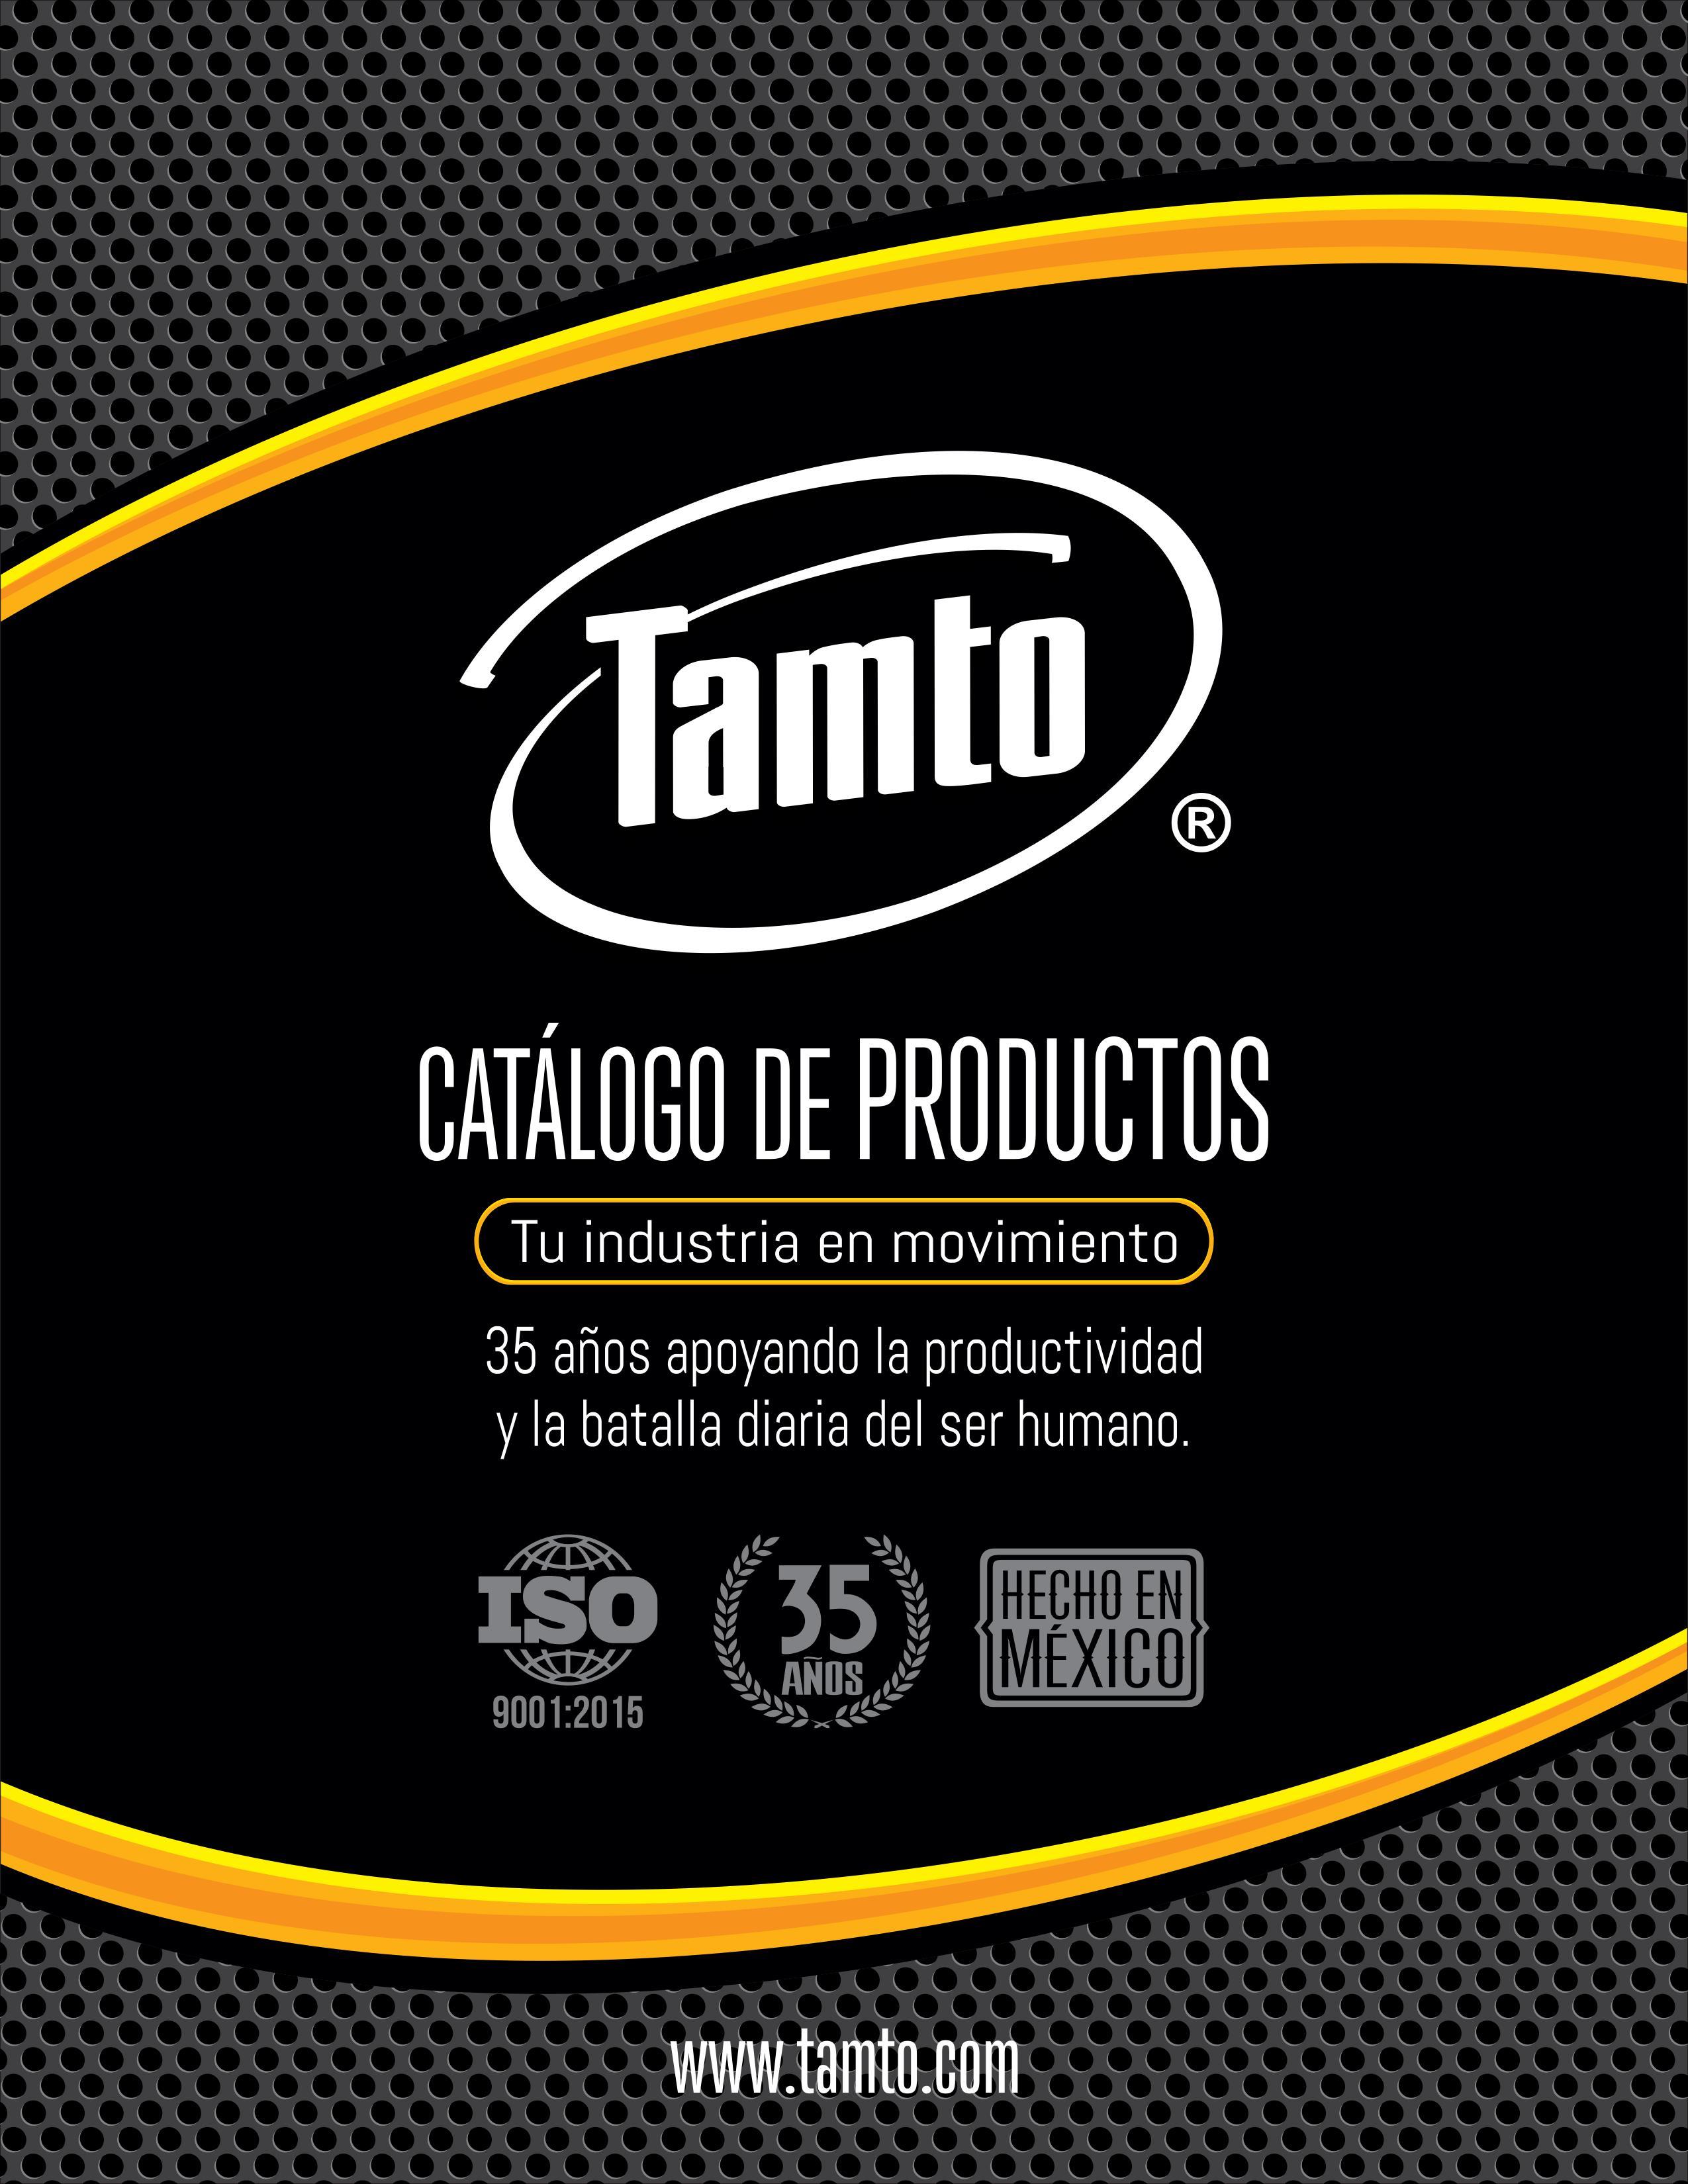 Tamto - Catálogo